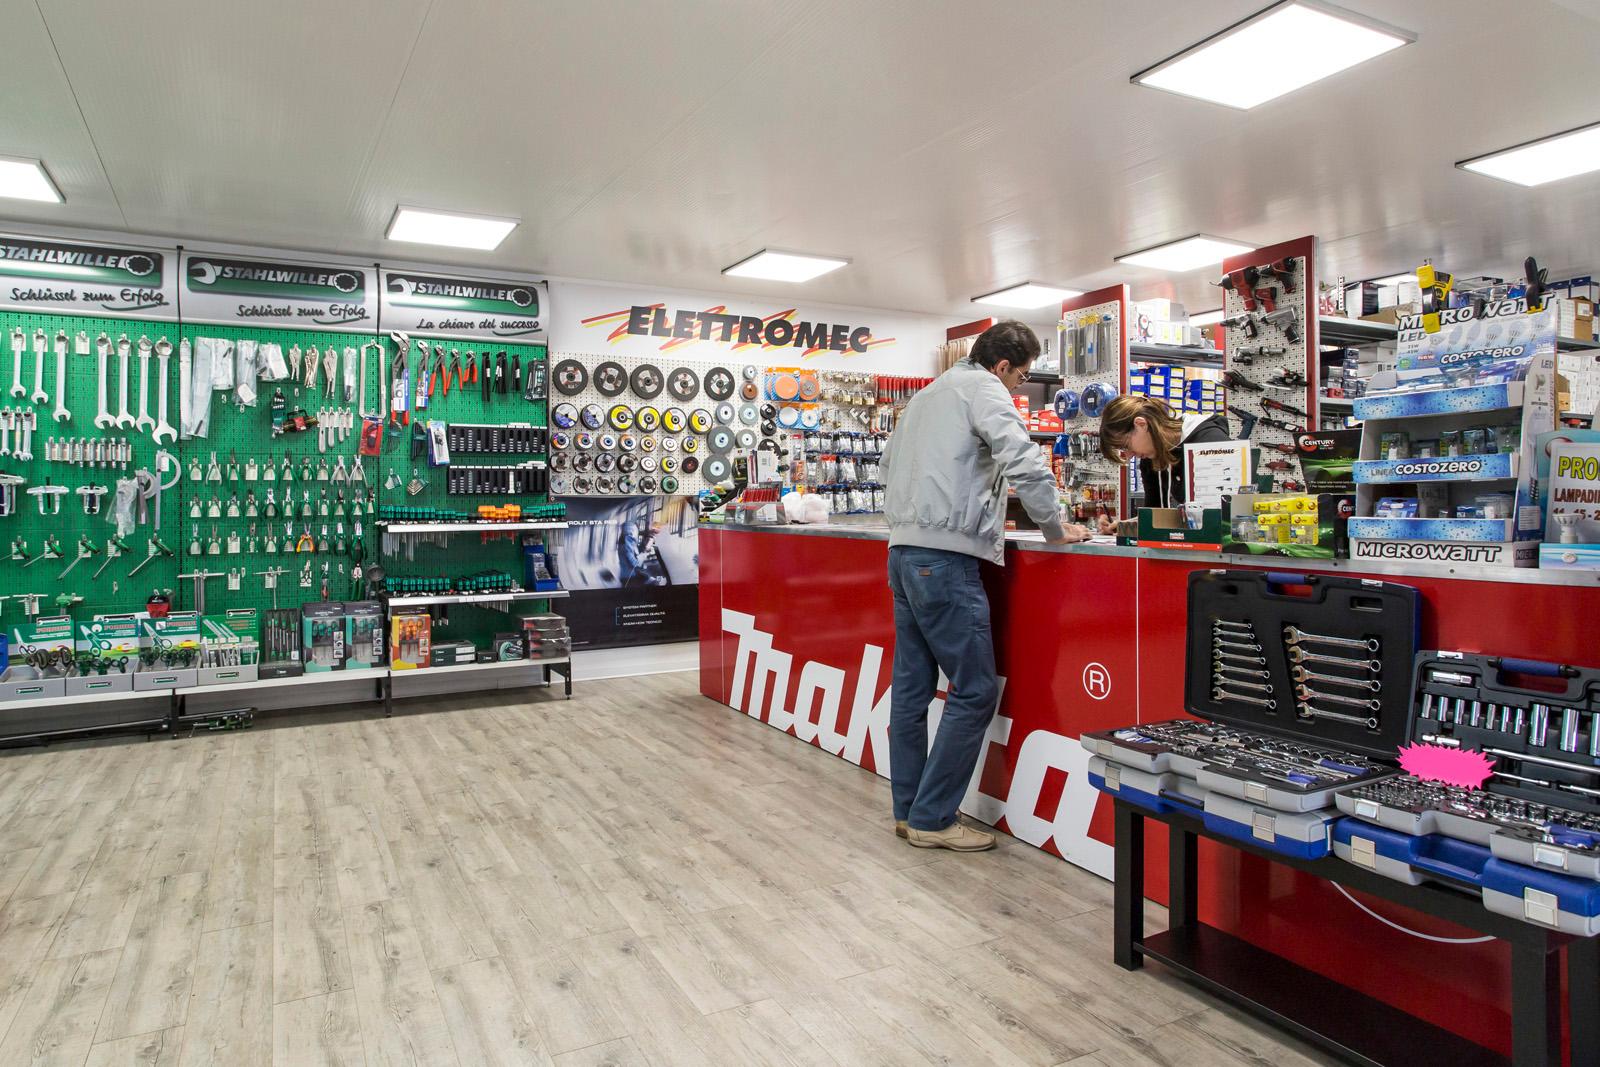 1_Elettromec_banco_accoglienza_negozio_174ritoc